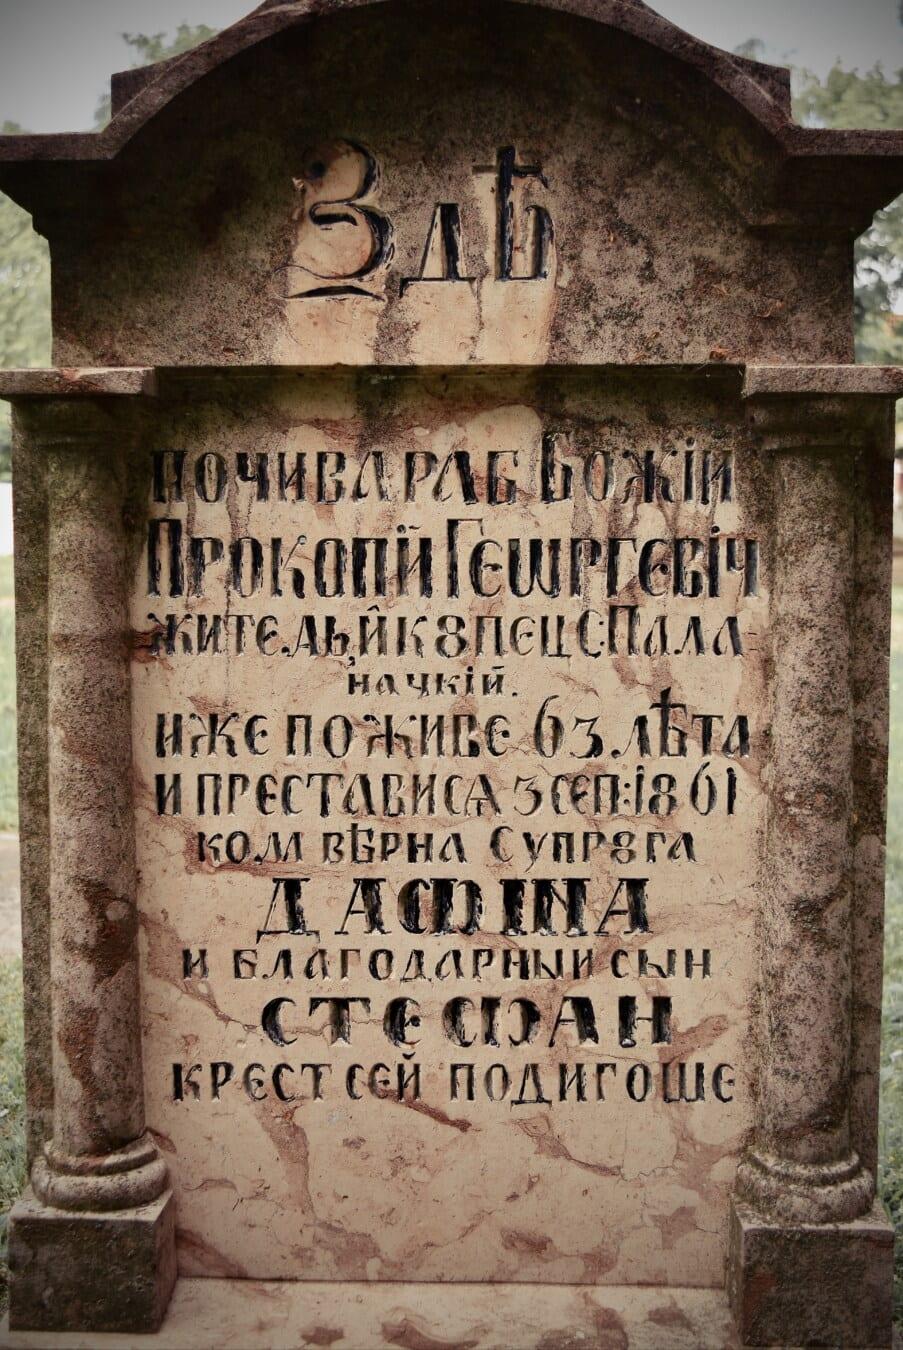 严重, 历史, 墓碑, 墓碑, 老式, 埋葬, 公墓, 文本, 西里尔, 死亡